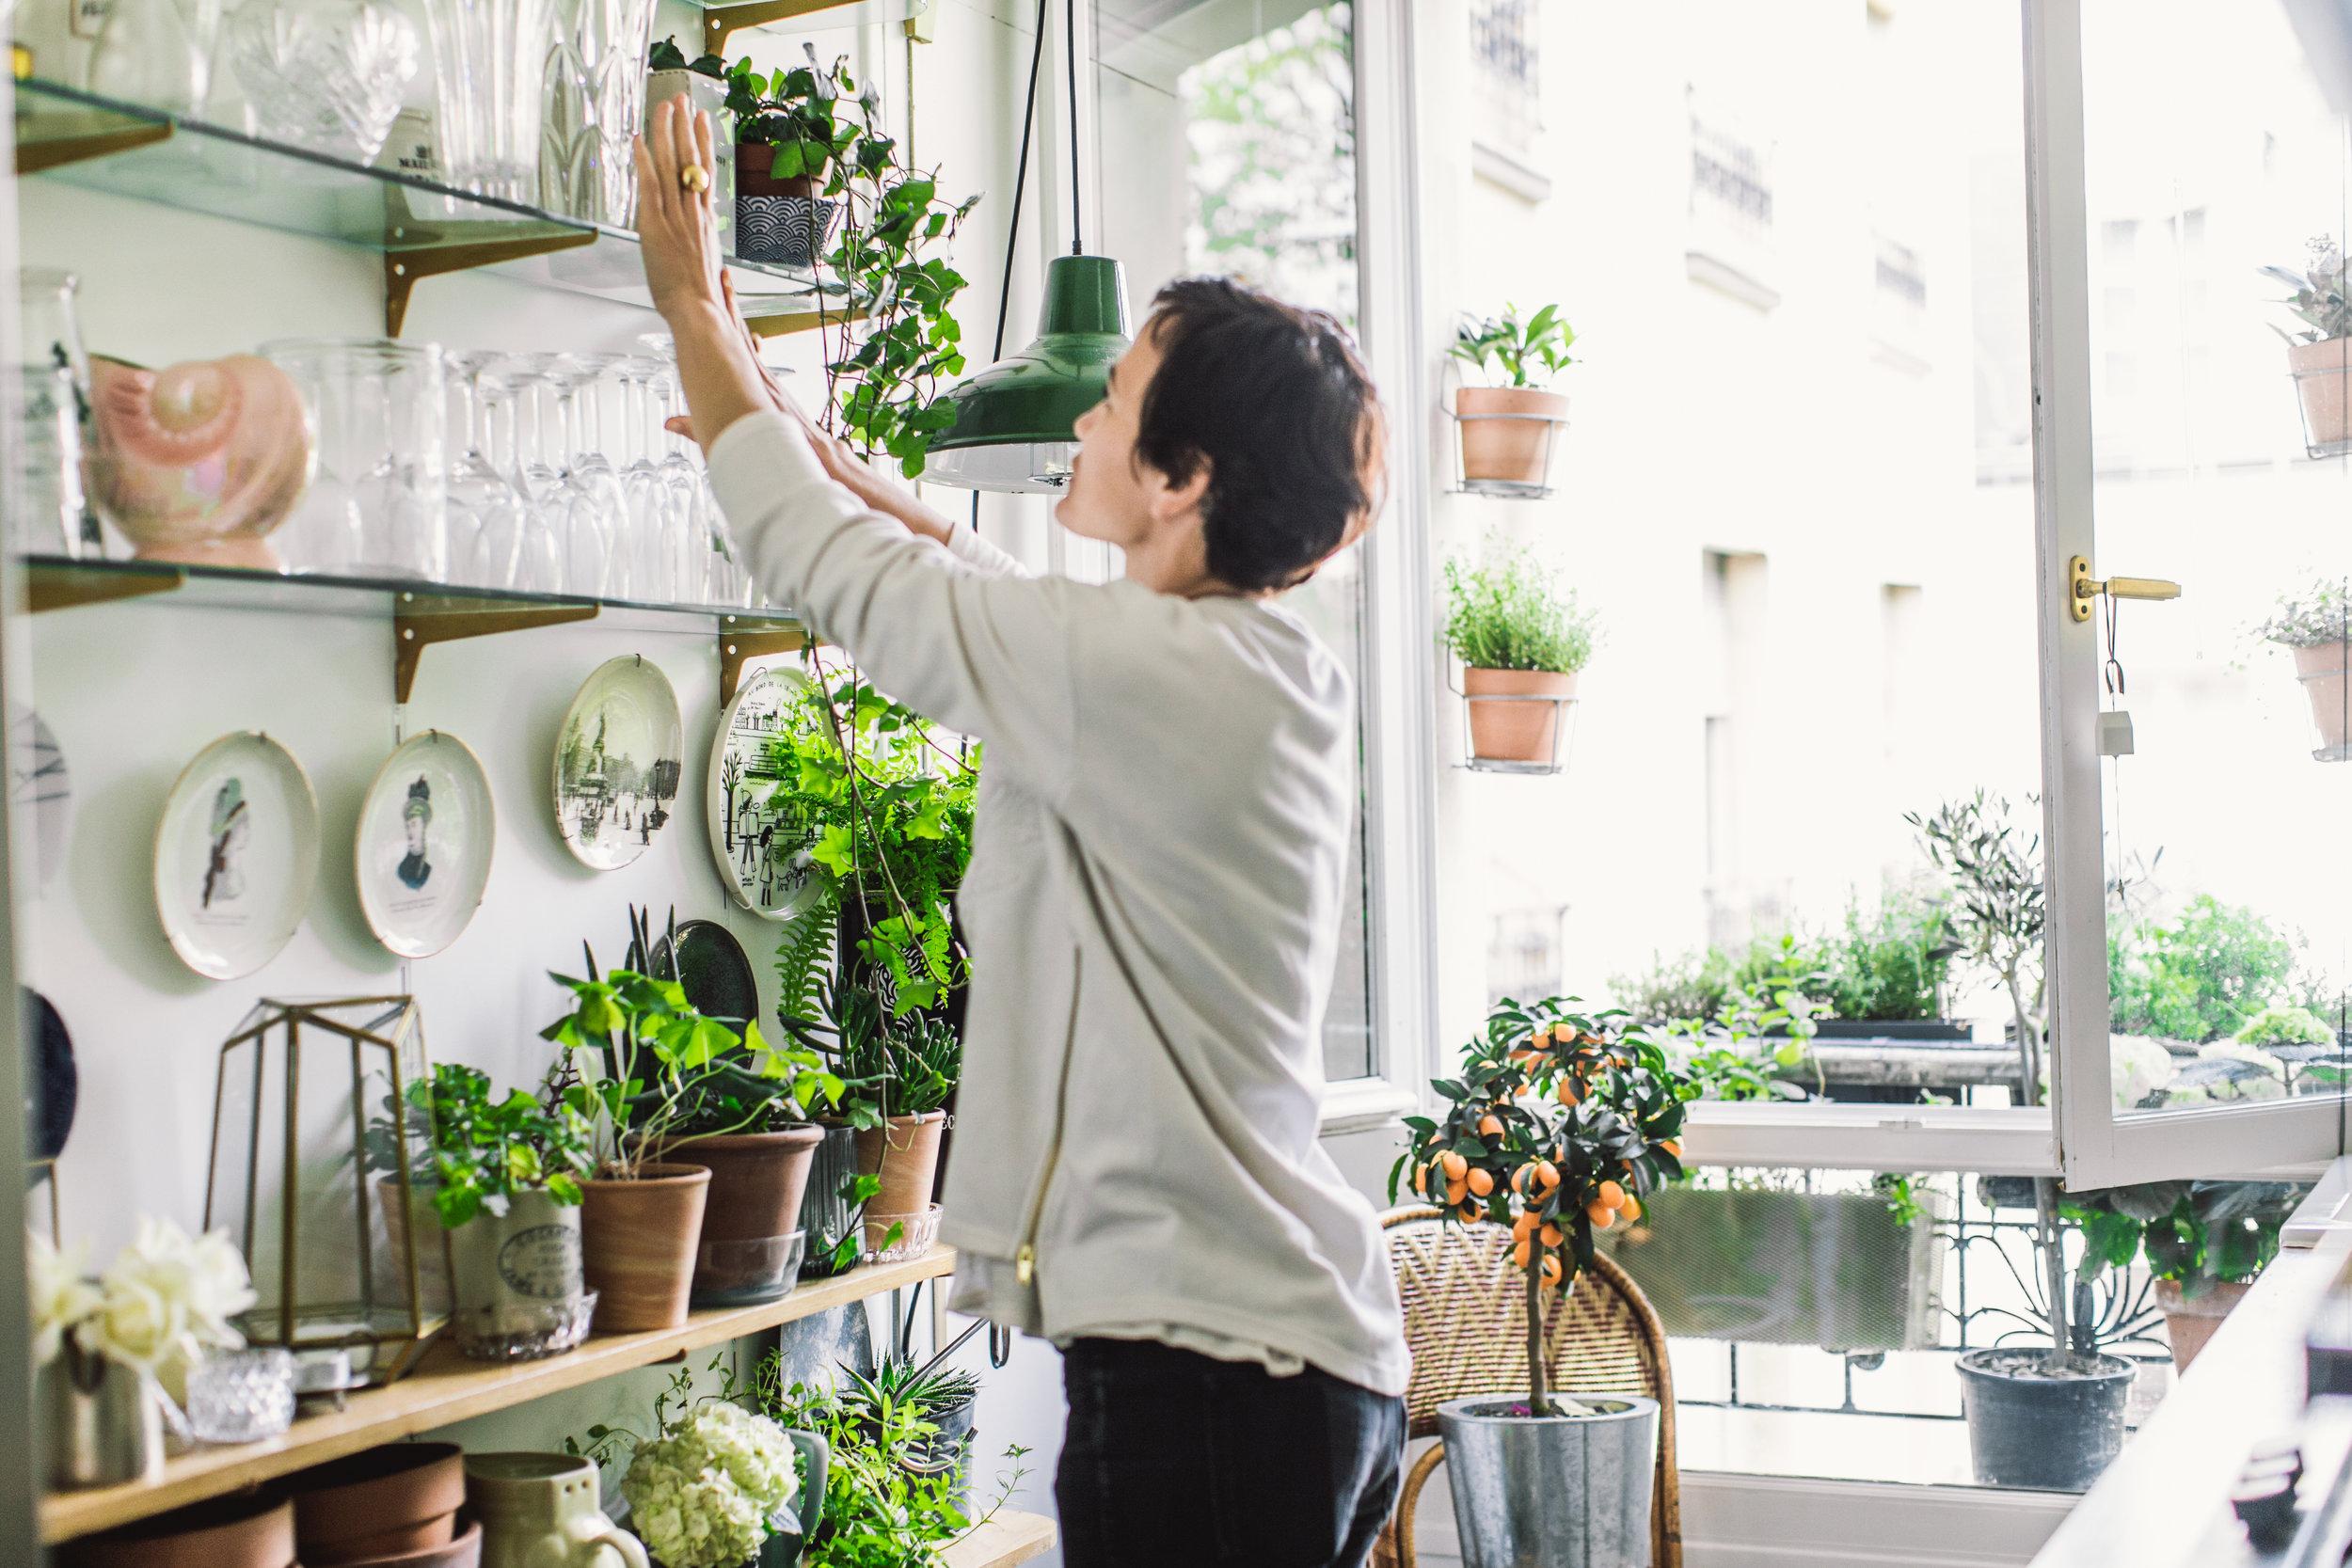 PARIS POUSSE - Nous savons que les plantes ont un impact important sur notre bien être. Un petit rien peut grandir en quelque chose de splendide. Tous nos produits et accessoires sont conçus pour pour la vie citadine, afin de vous apporter tout ce dont vous avez besoin pour créer et prendre soin de votre petit morceau de nature. La Jardinière Sauvage est une façon chic, stylée et moderne pour rendre nos vies citadines plus belles en y apportant chaque jour un peu de beauté et de bien être.